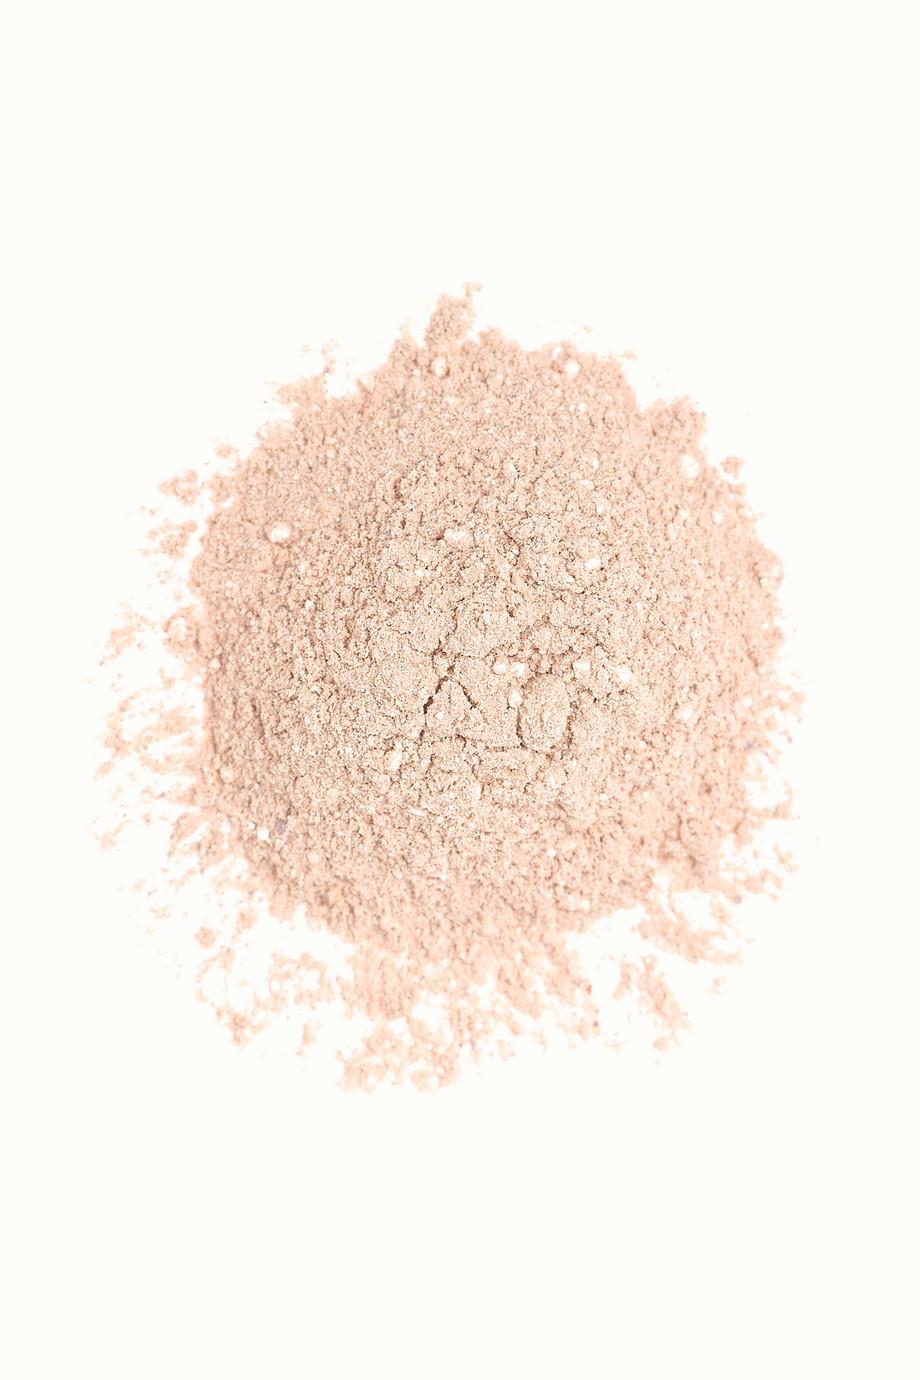 de Mamiel Brightening Cleanse & Exfoliate, 70 g – Peeling